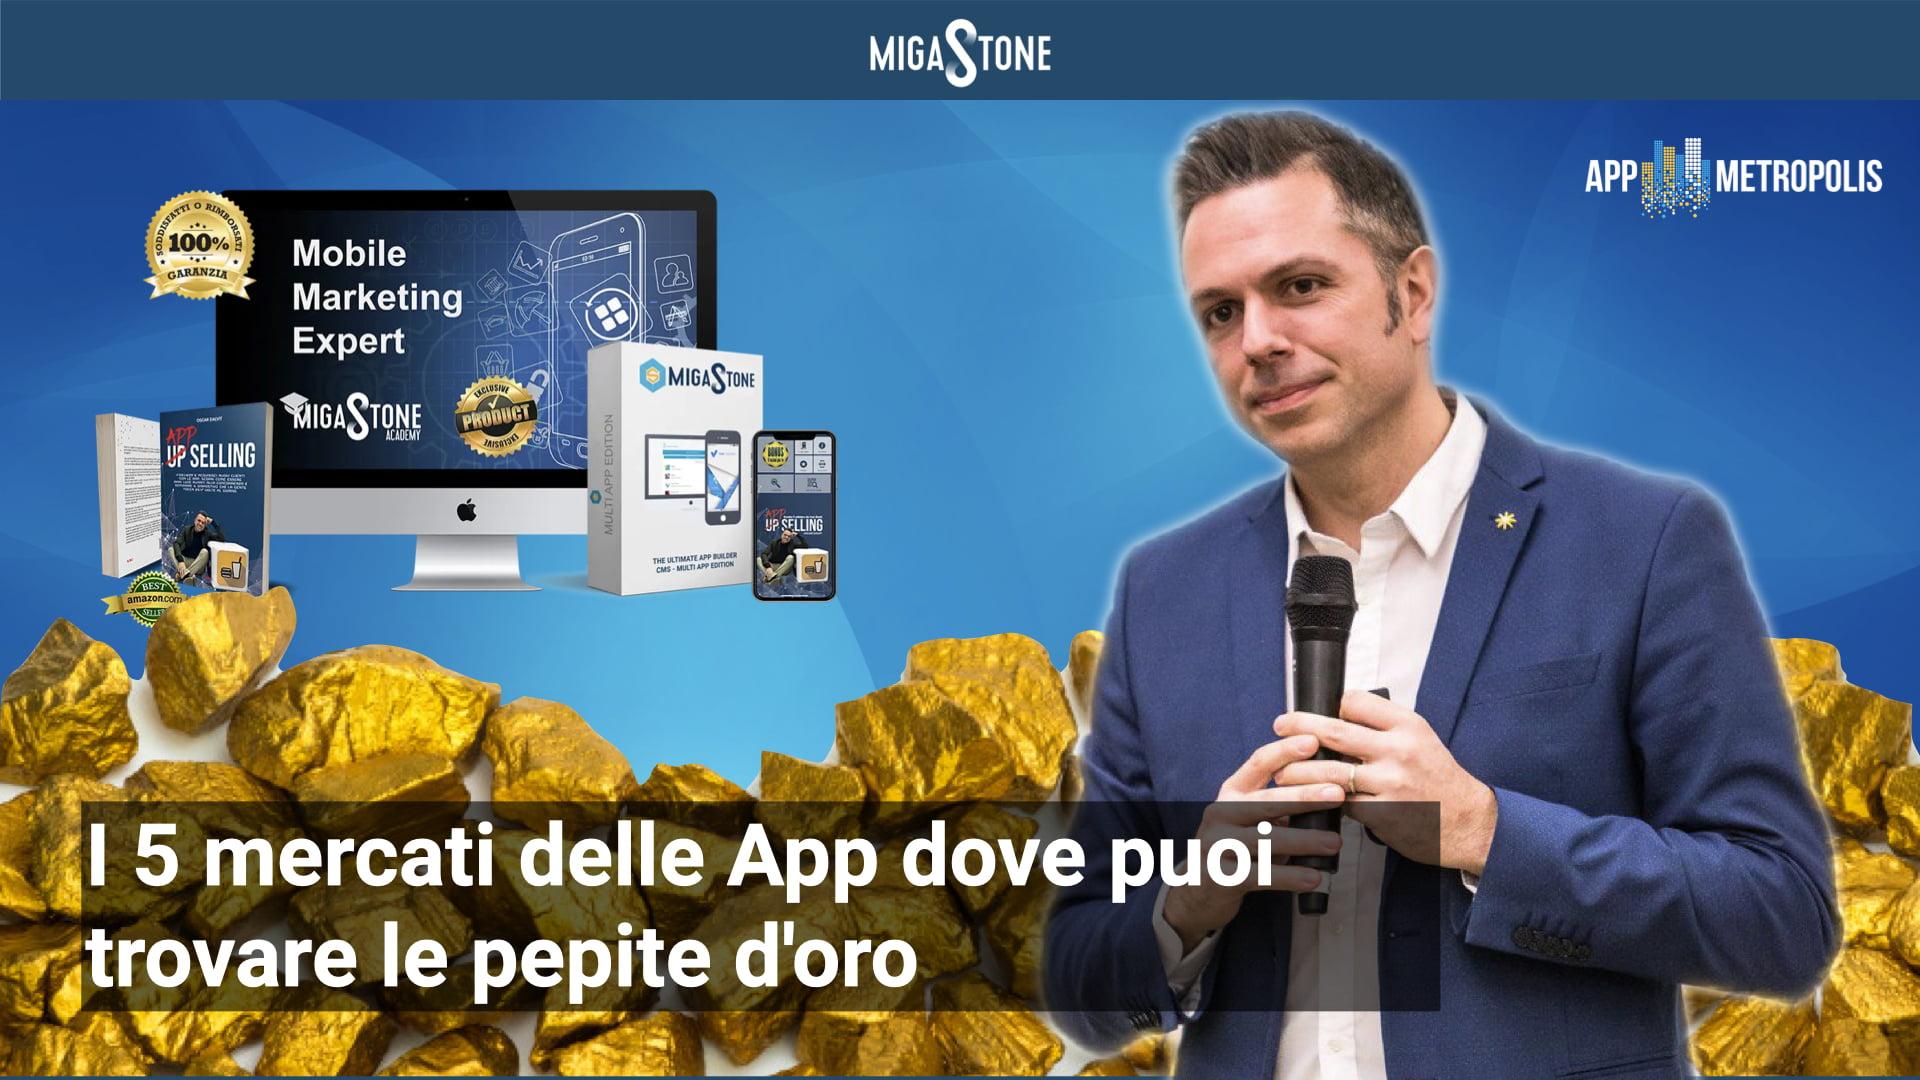 , I 5 mercati delle App dove puoi trovare le pepite d'oro e guadagnare subito… anche senza esperienza!, Migastone Blog